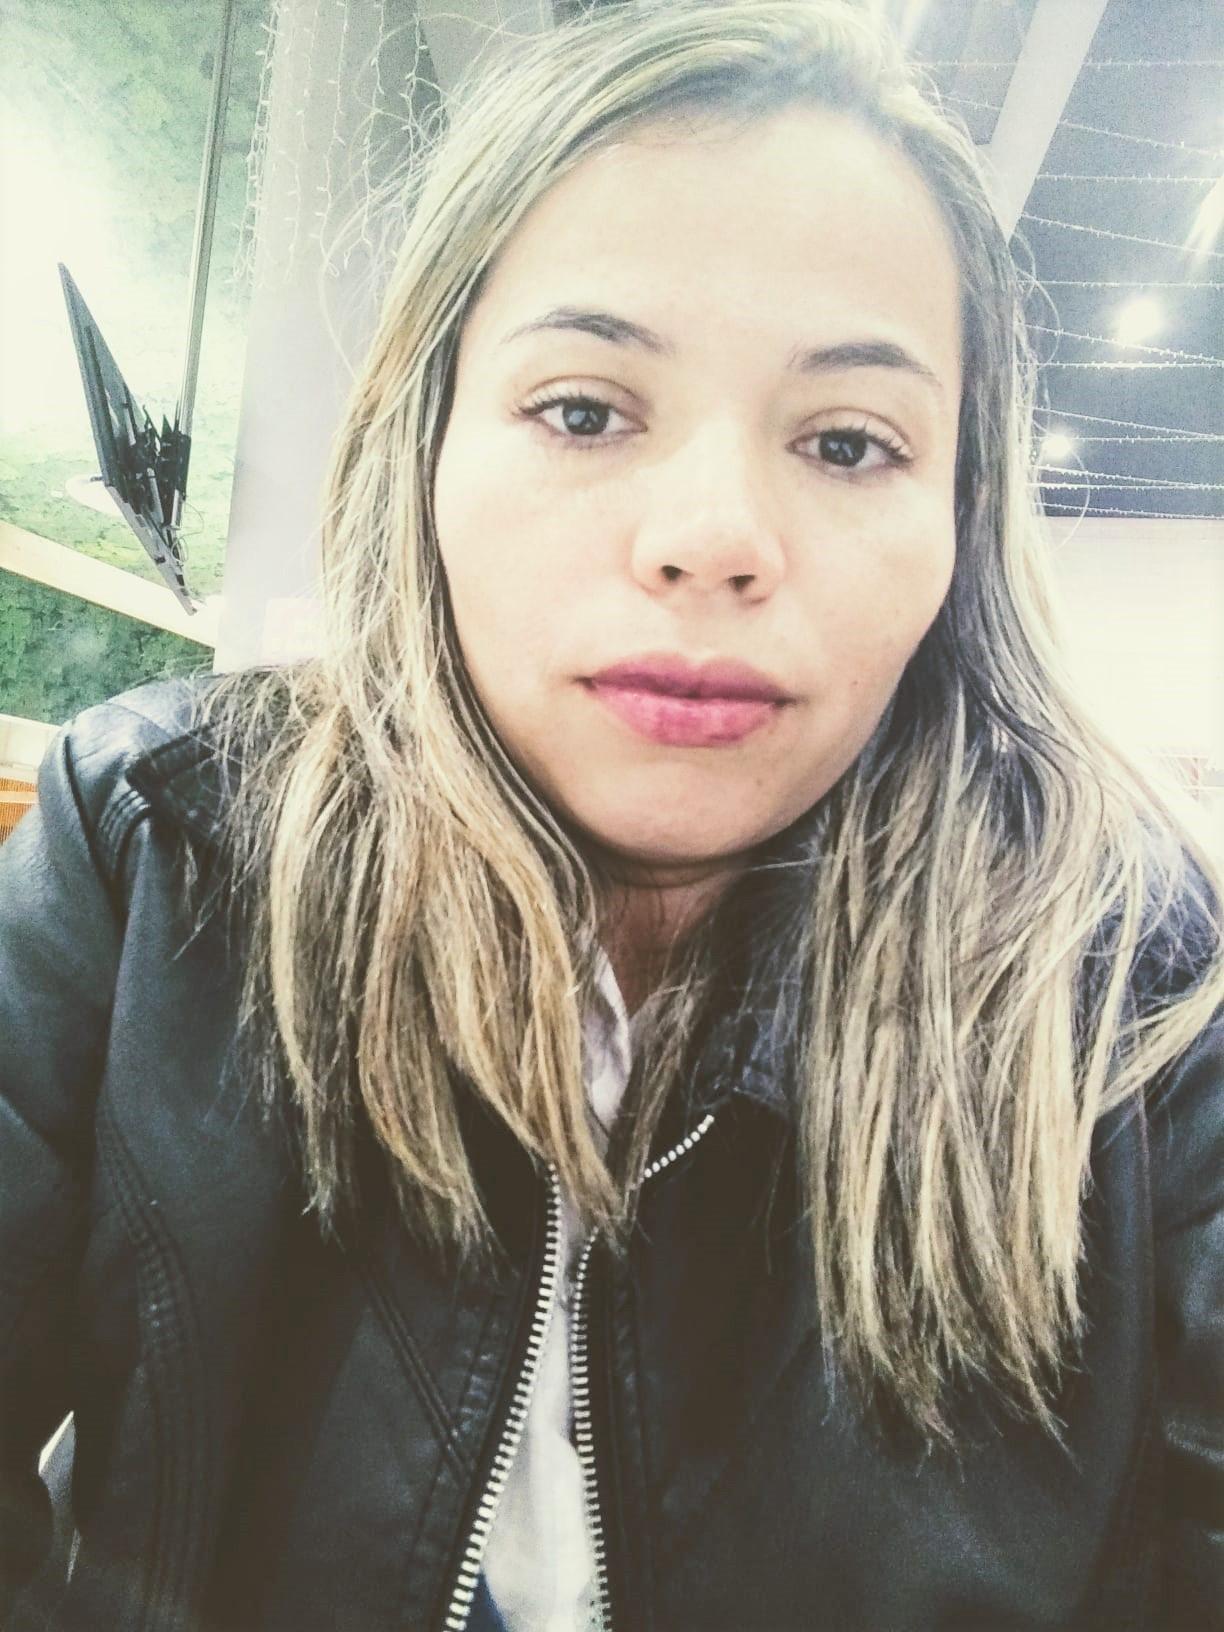 Juliet Cristino está desde 2019 à espera da residência para validar diploma: faz limpeza de imóveis